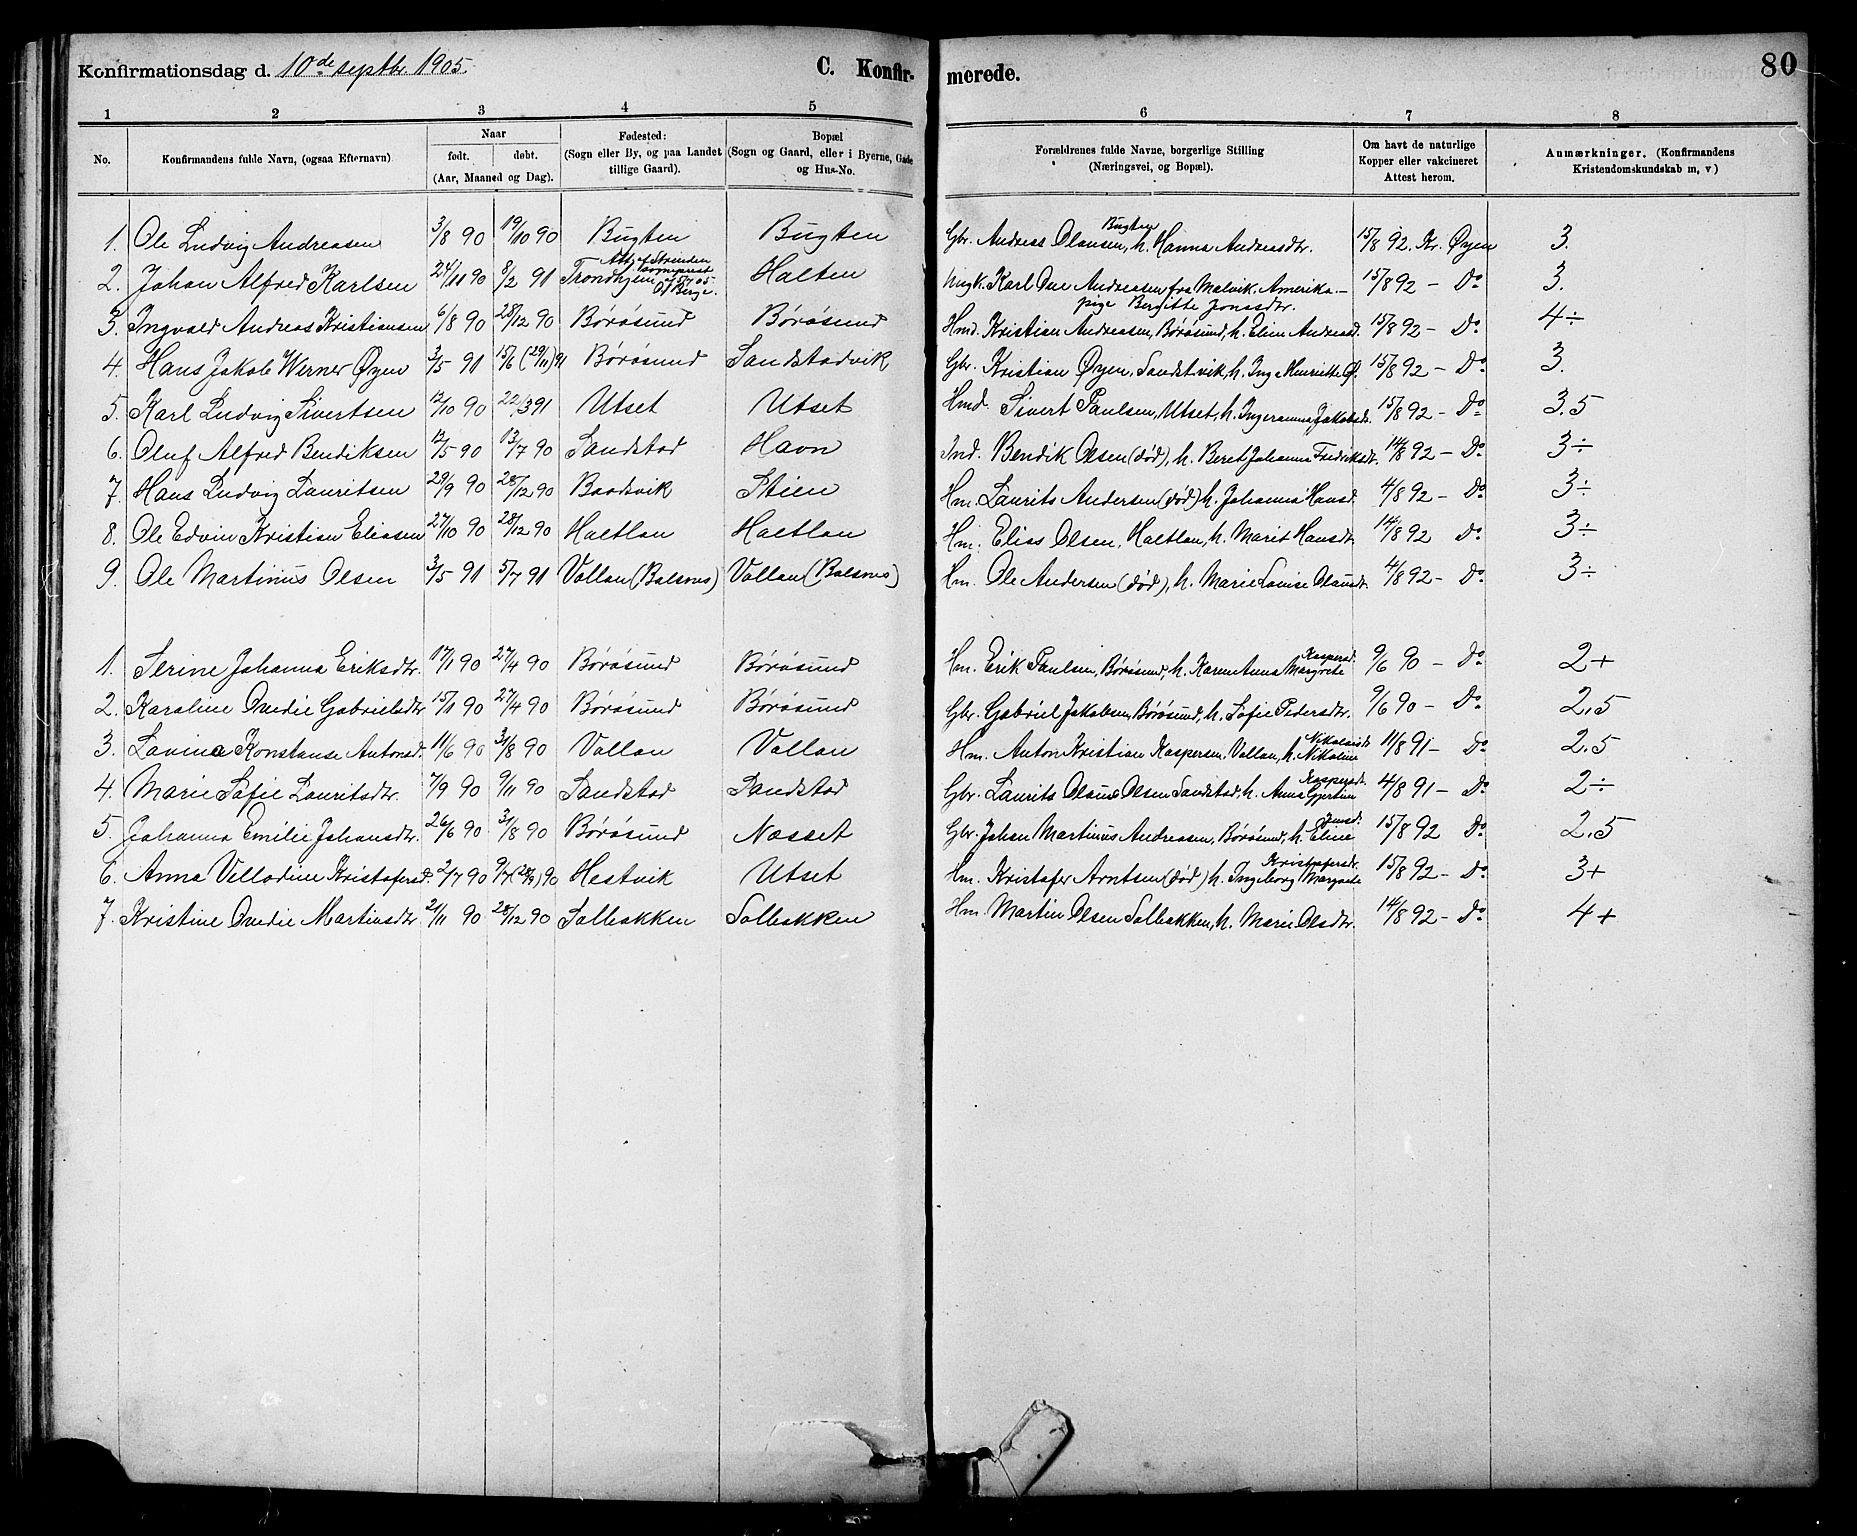 SAT, Ministerialprotokoller, klokkerbøker og fødselsregistre - Sør-Trøndelag, 639/L0573: Klokkerbok nr. 639C01, 1890-1905, s. 80